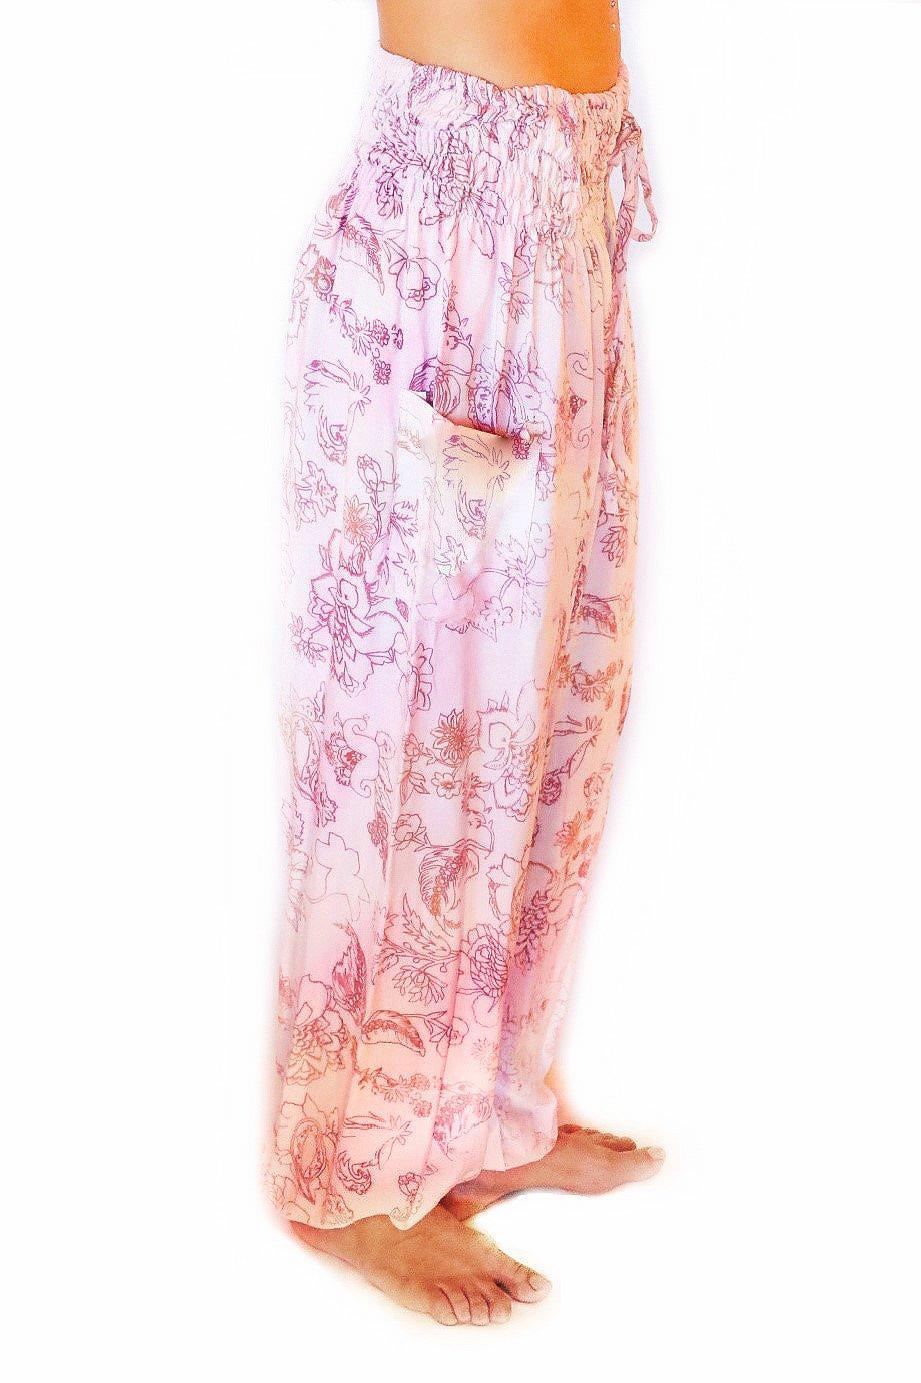 Pi Yoga Pants PANTS レディース B01MRAI6YQ M|Champagne Lemonade Champagne Lemonade M